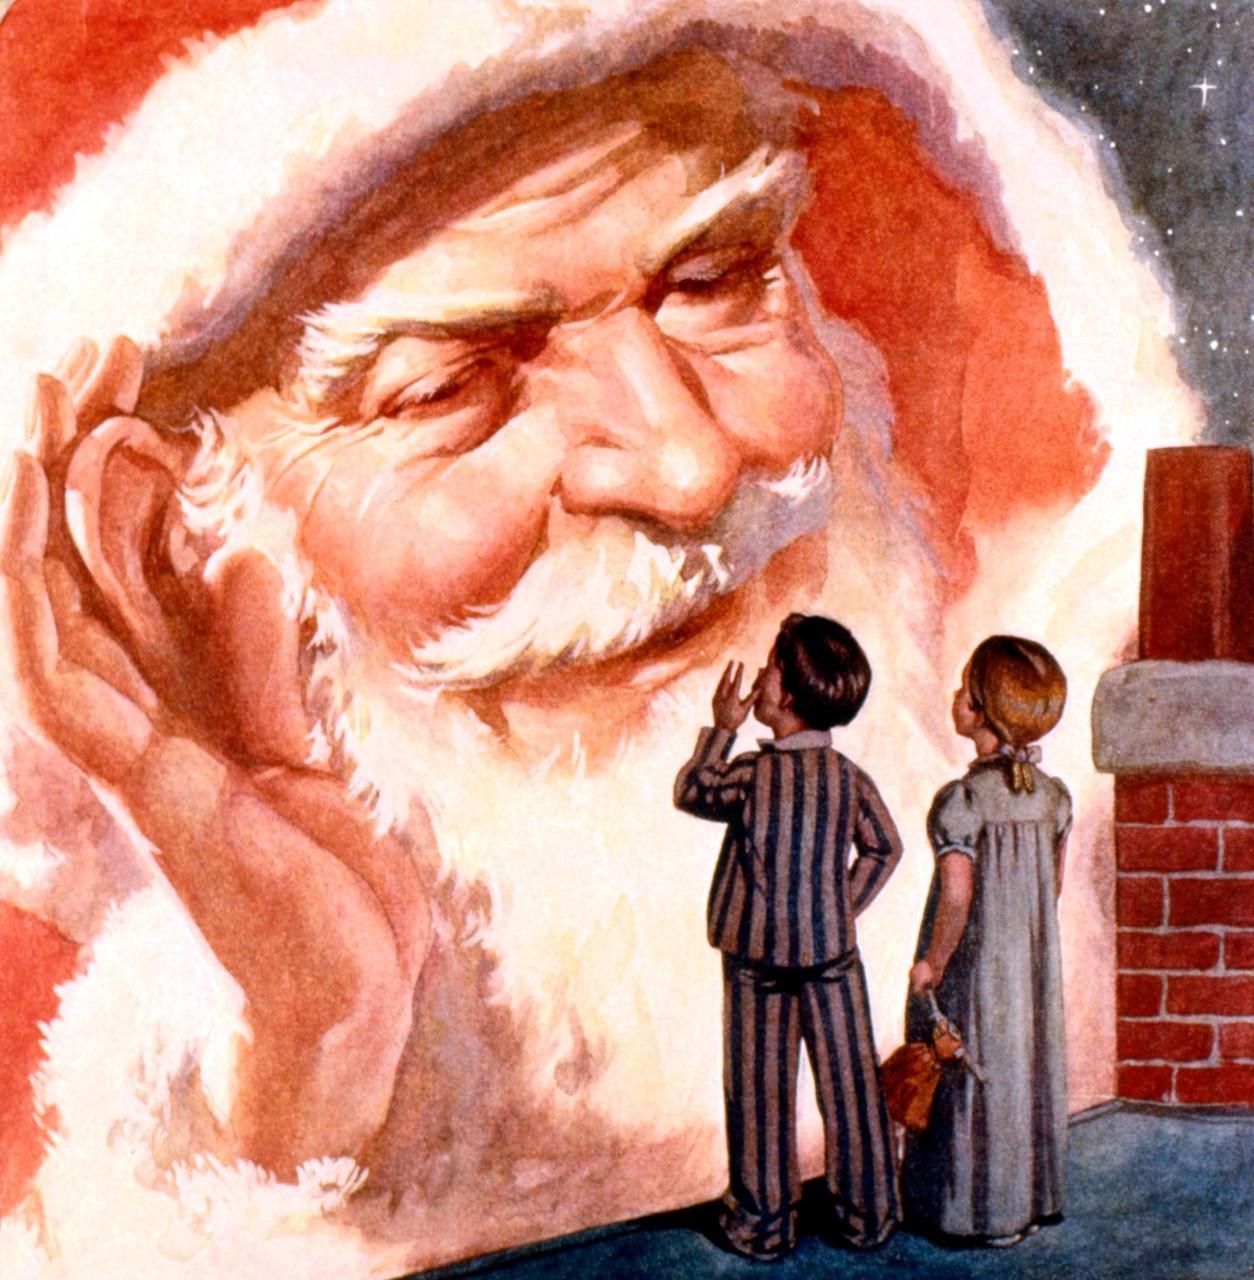 Santa pochází vlastně z Turecka. A kdo vymyslel soba Rudolfa?